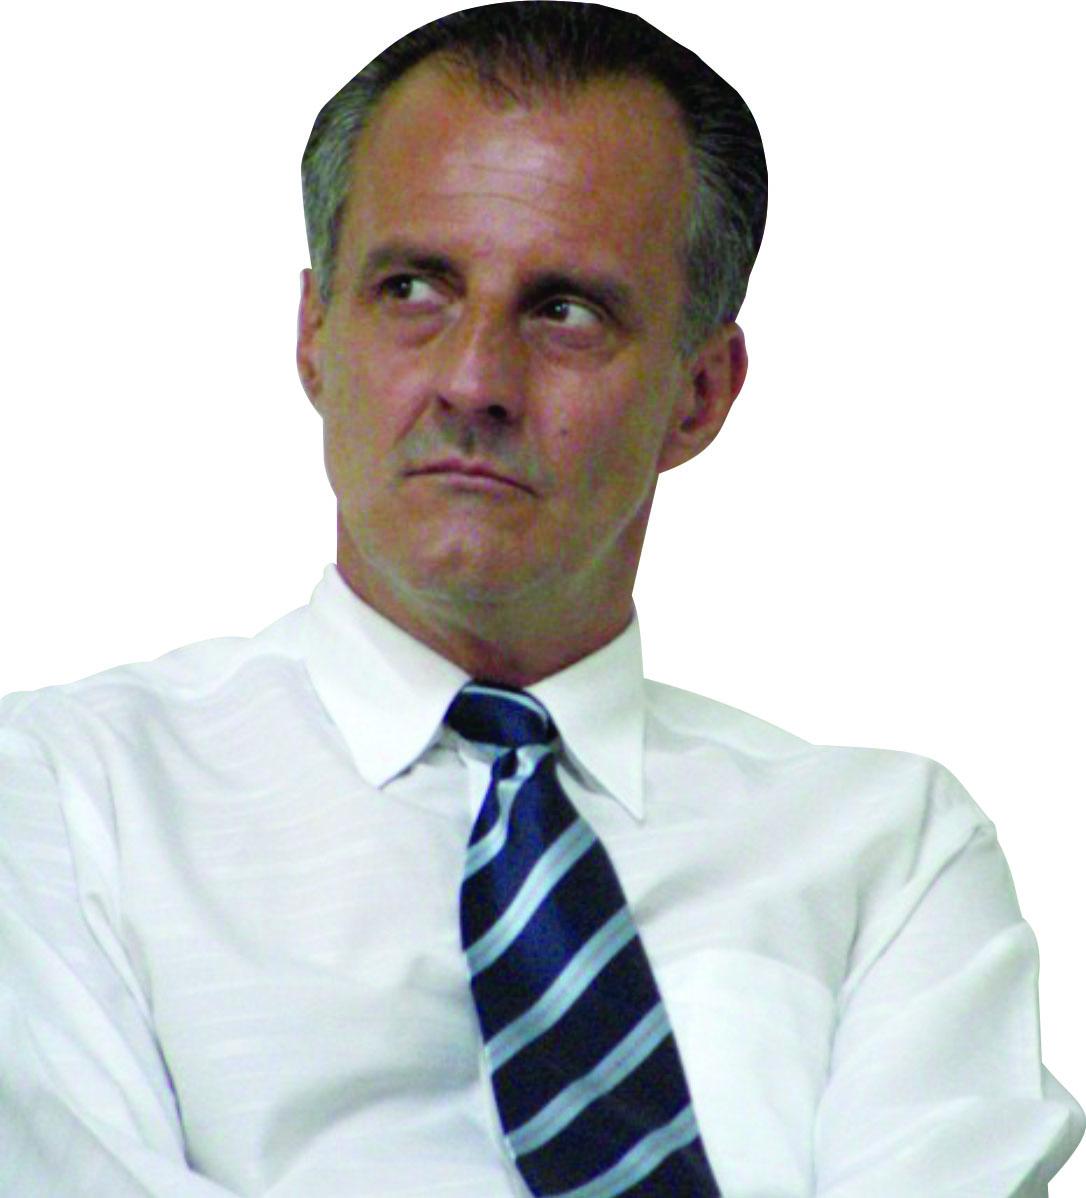 José Carlos Bortoloti